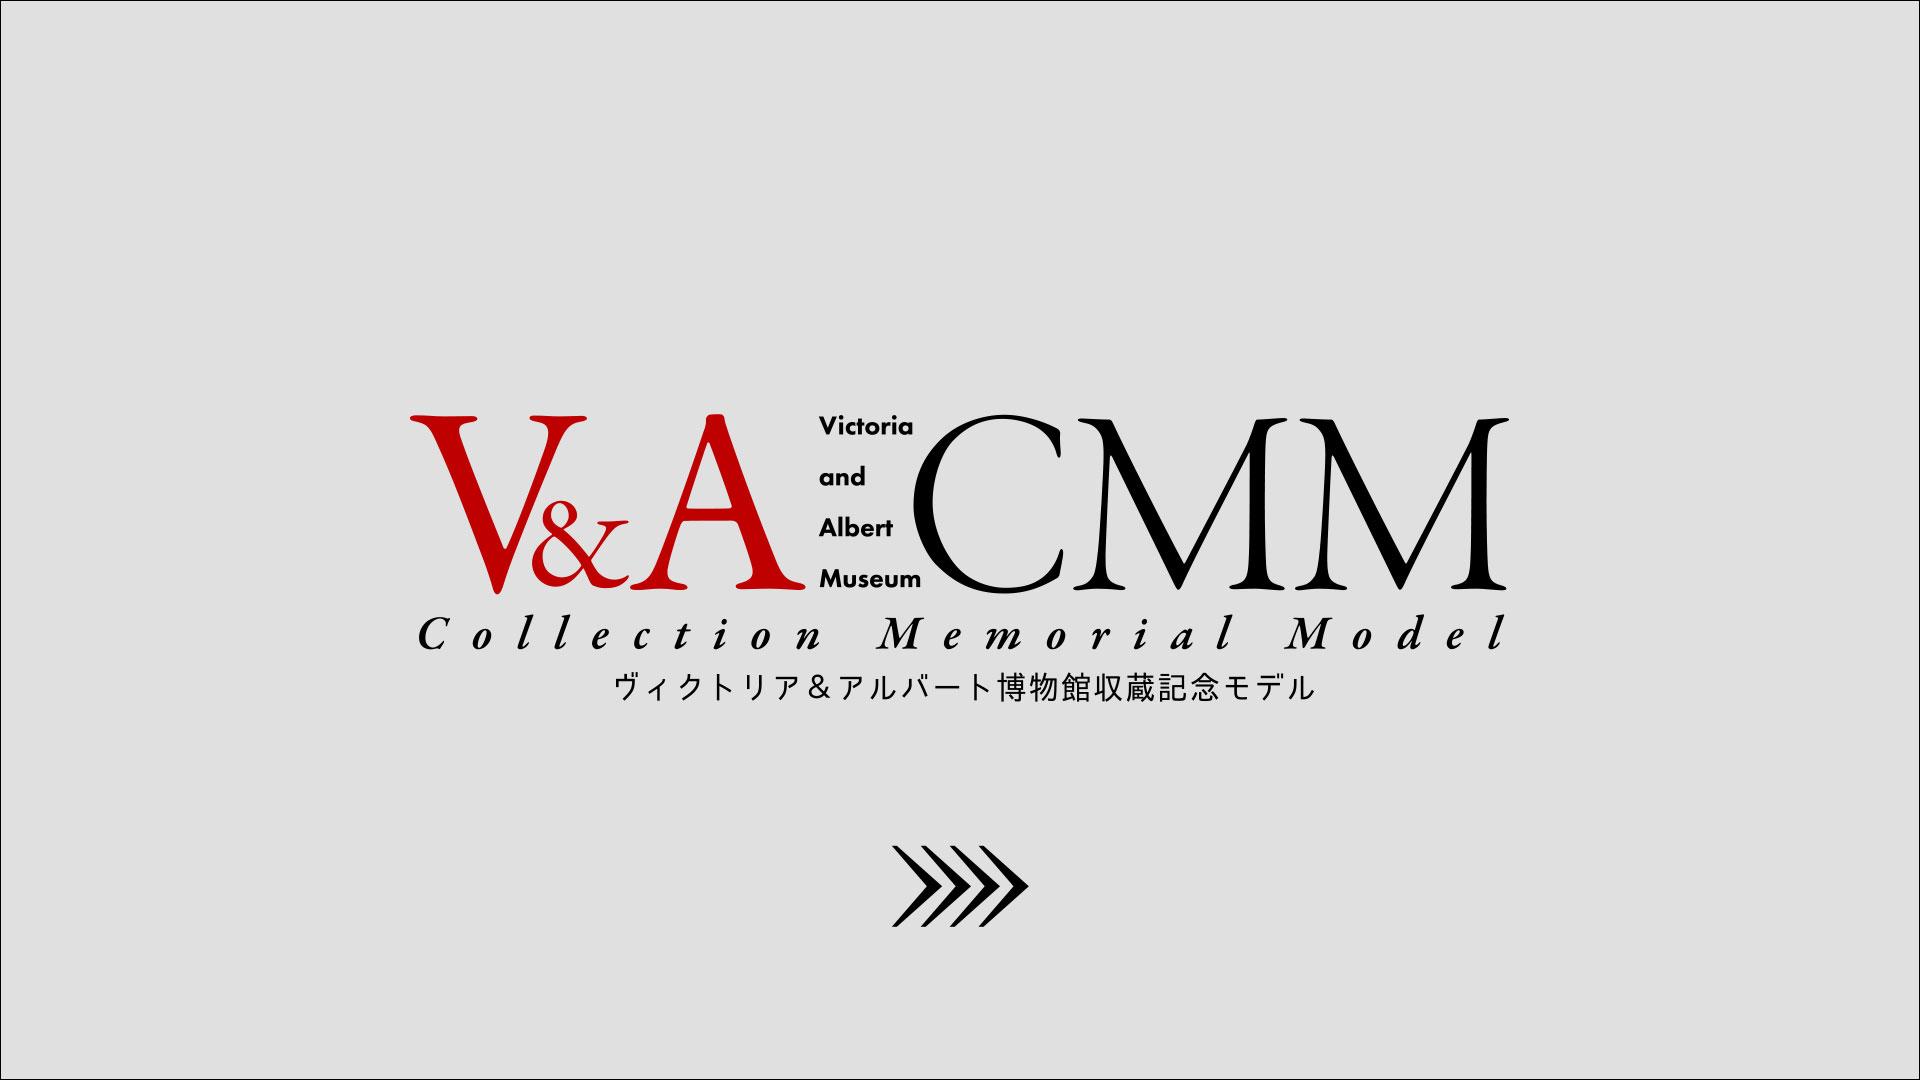 [PHOTO:V&A Collection Memorial Model]